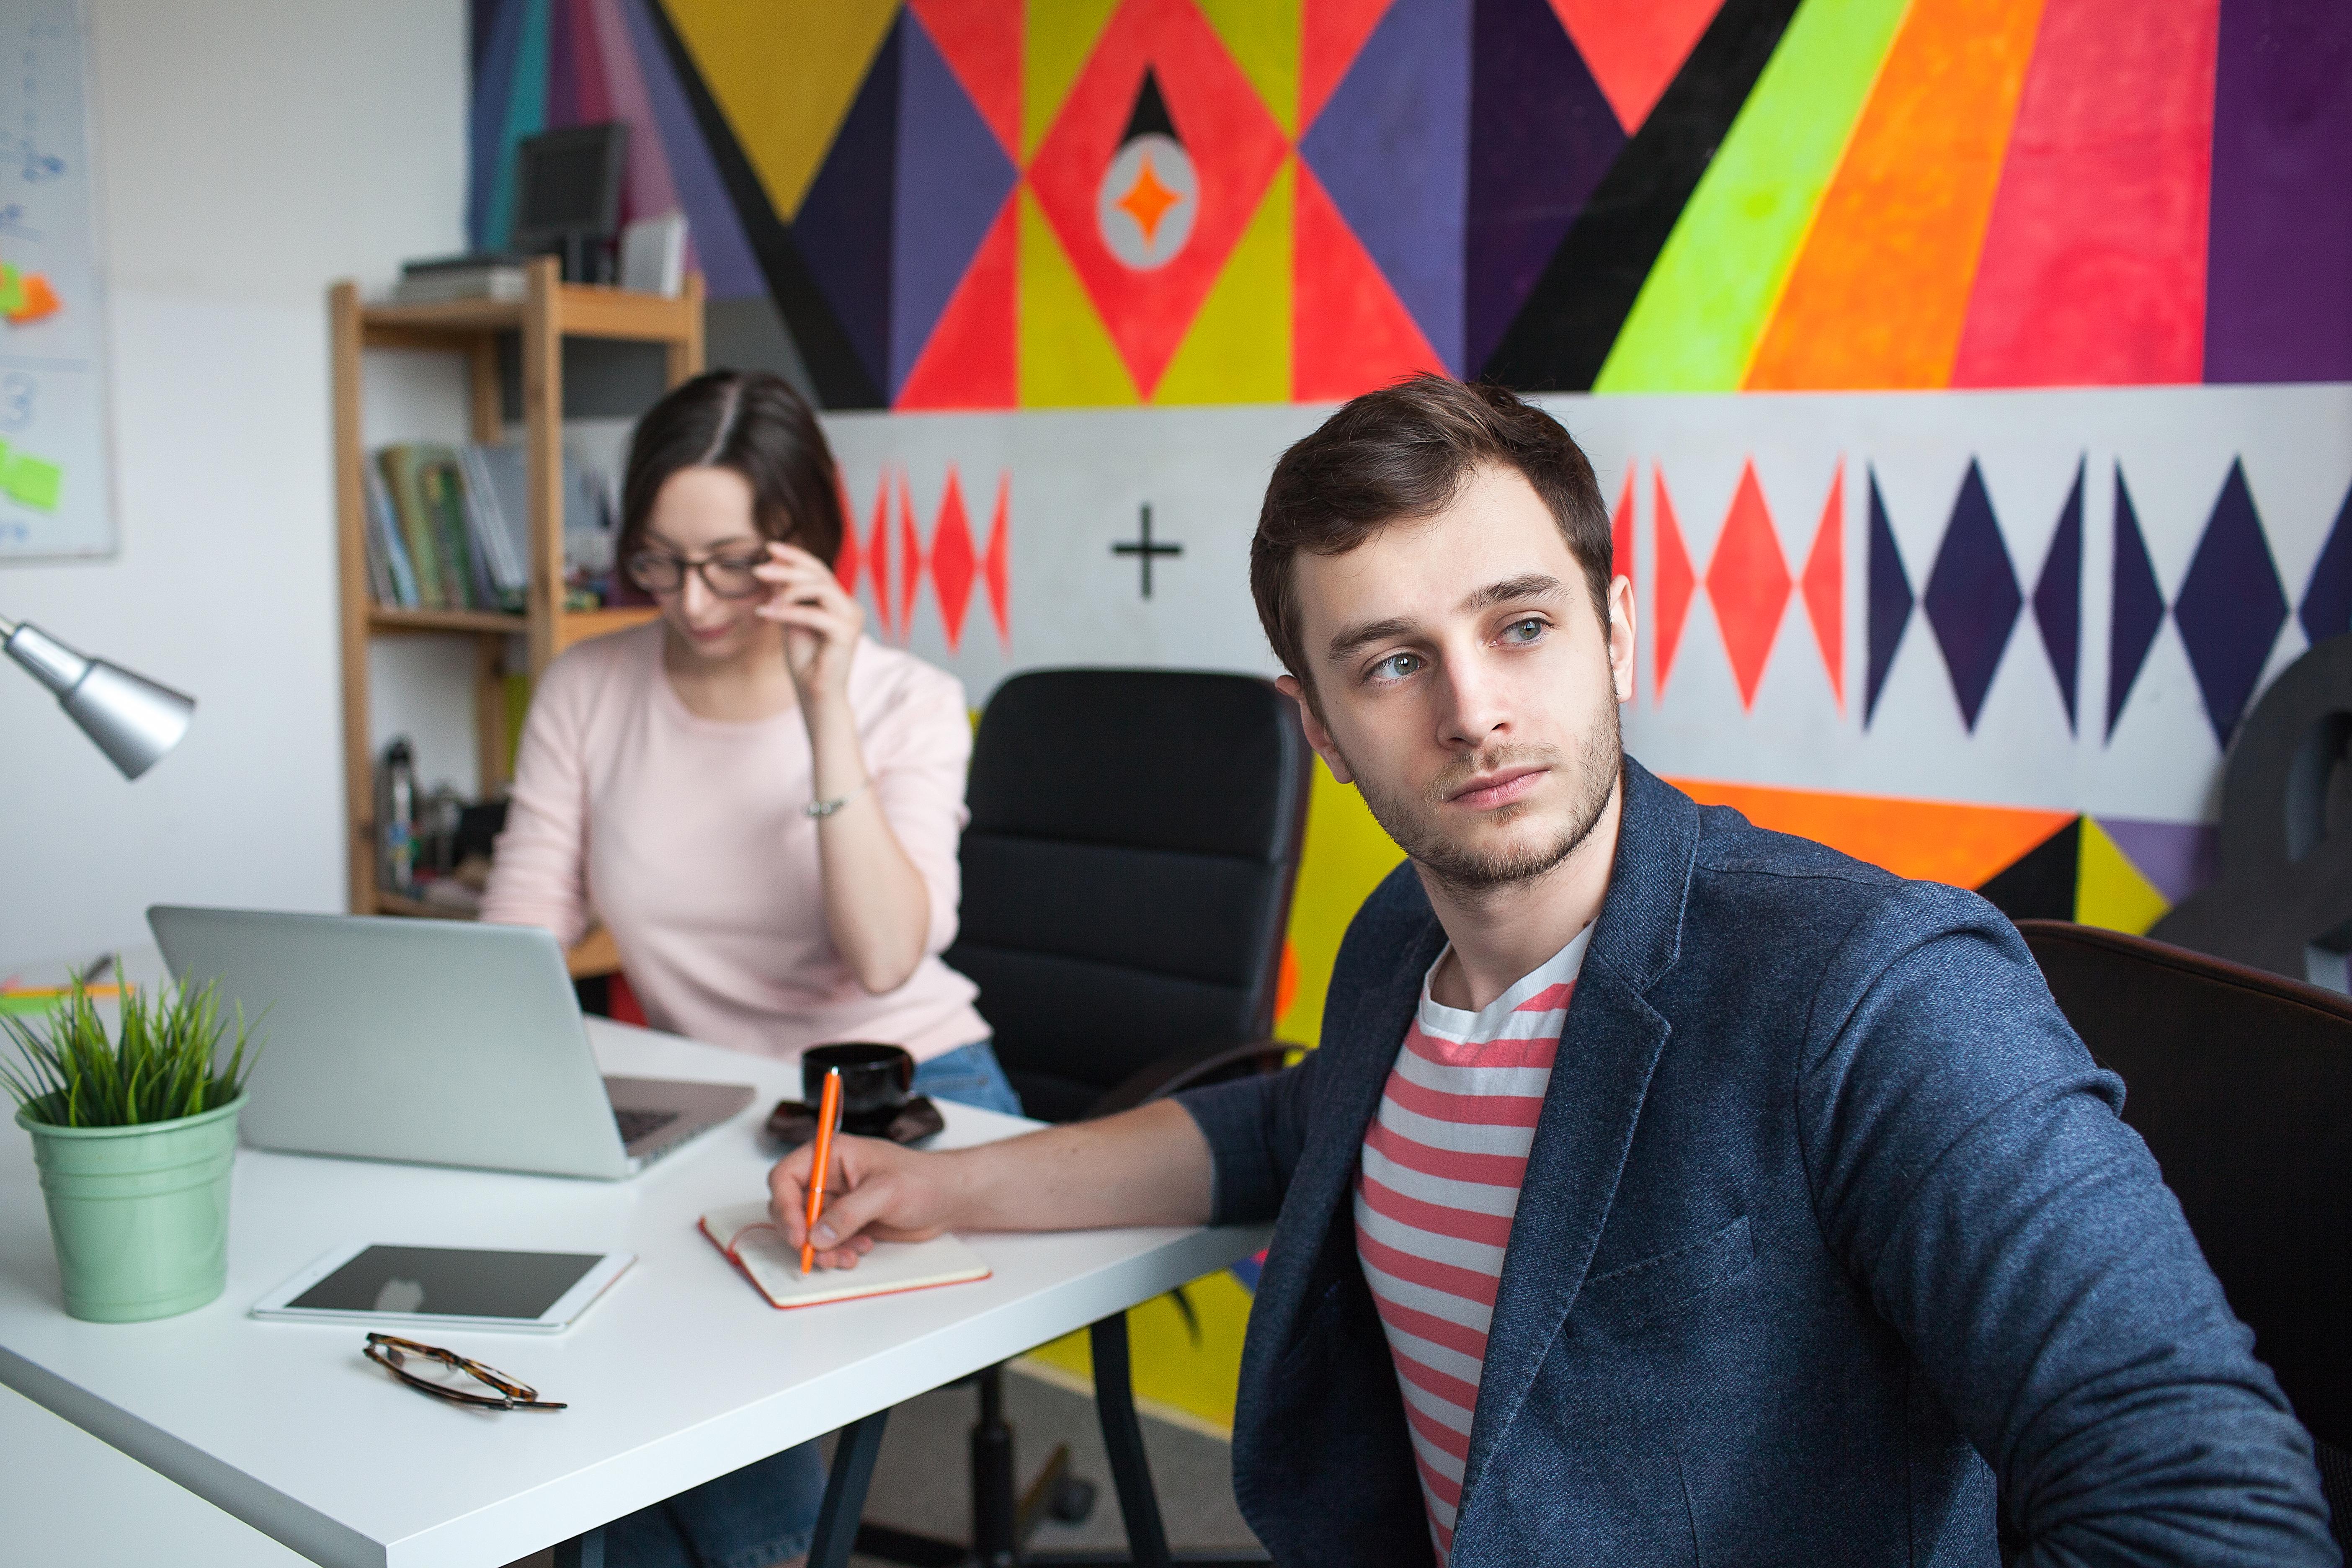 Det är inte ovanligt med öppna kontorslandskap men nu visar en ny studie att öppna kontorslandskap kan påverka de anställda negativt.